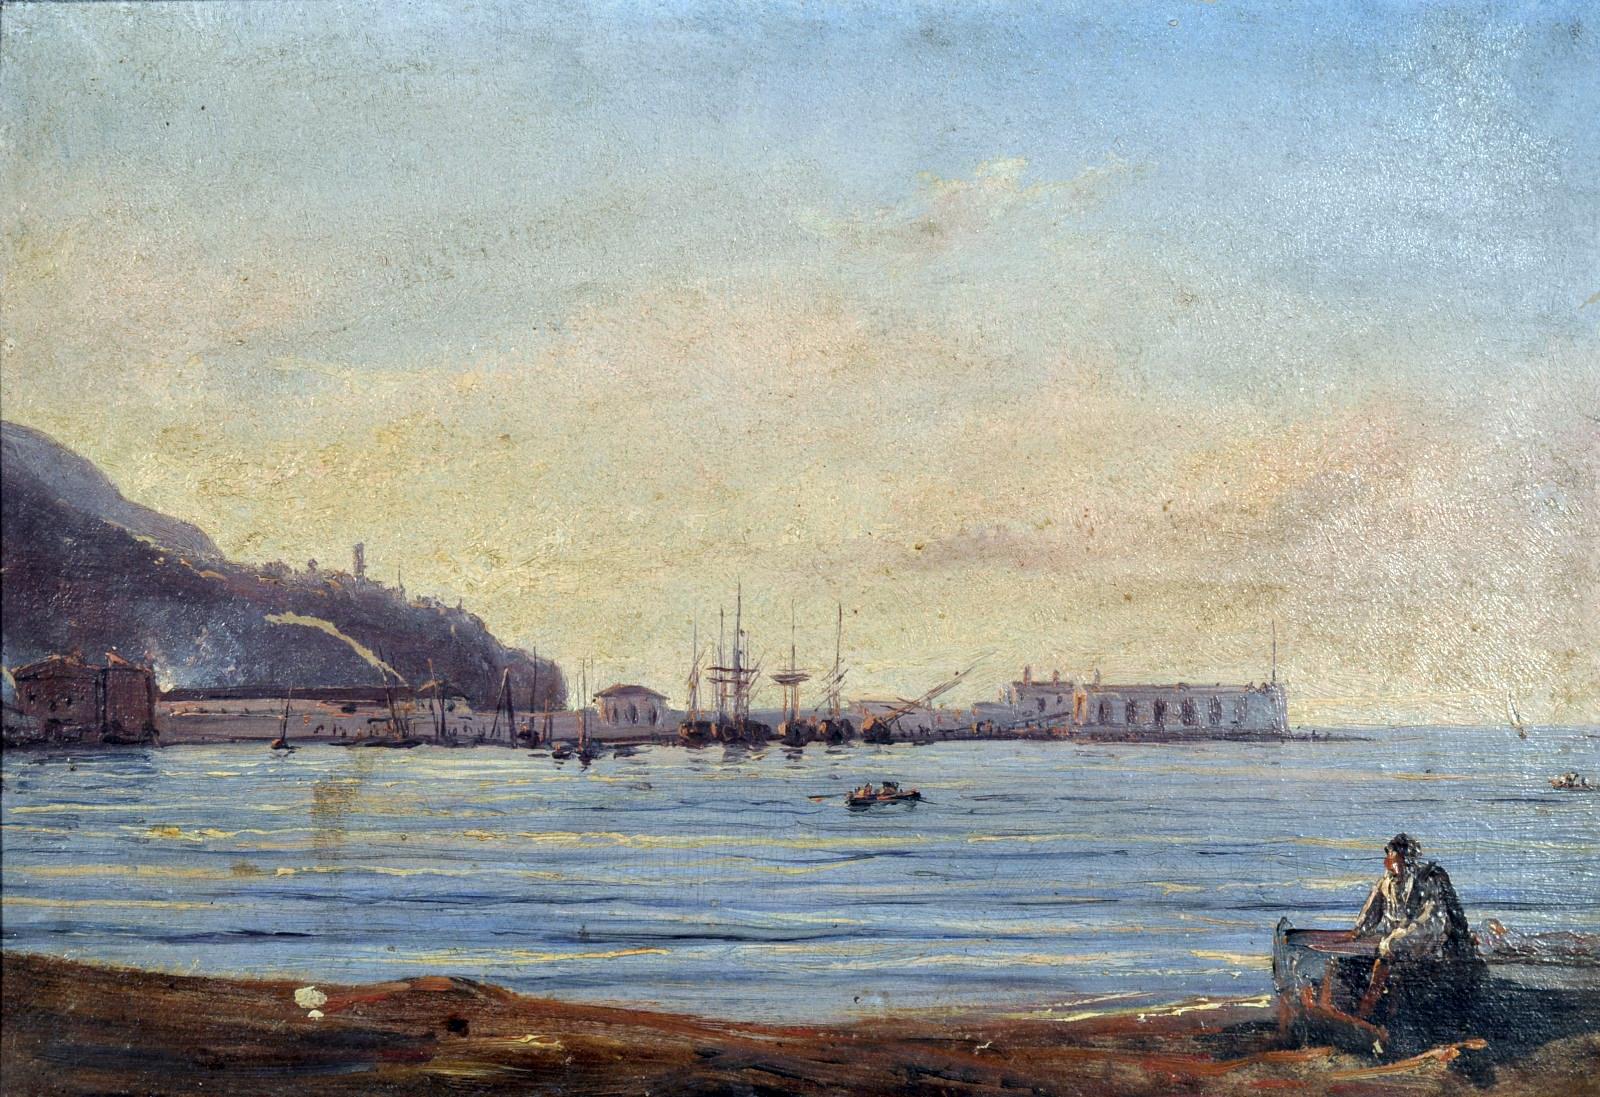 Giacinto Gigante, Scuola di Posillipo, Marina olio su carta rip. su tela, cm 18x26,5